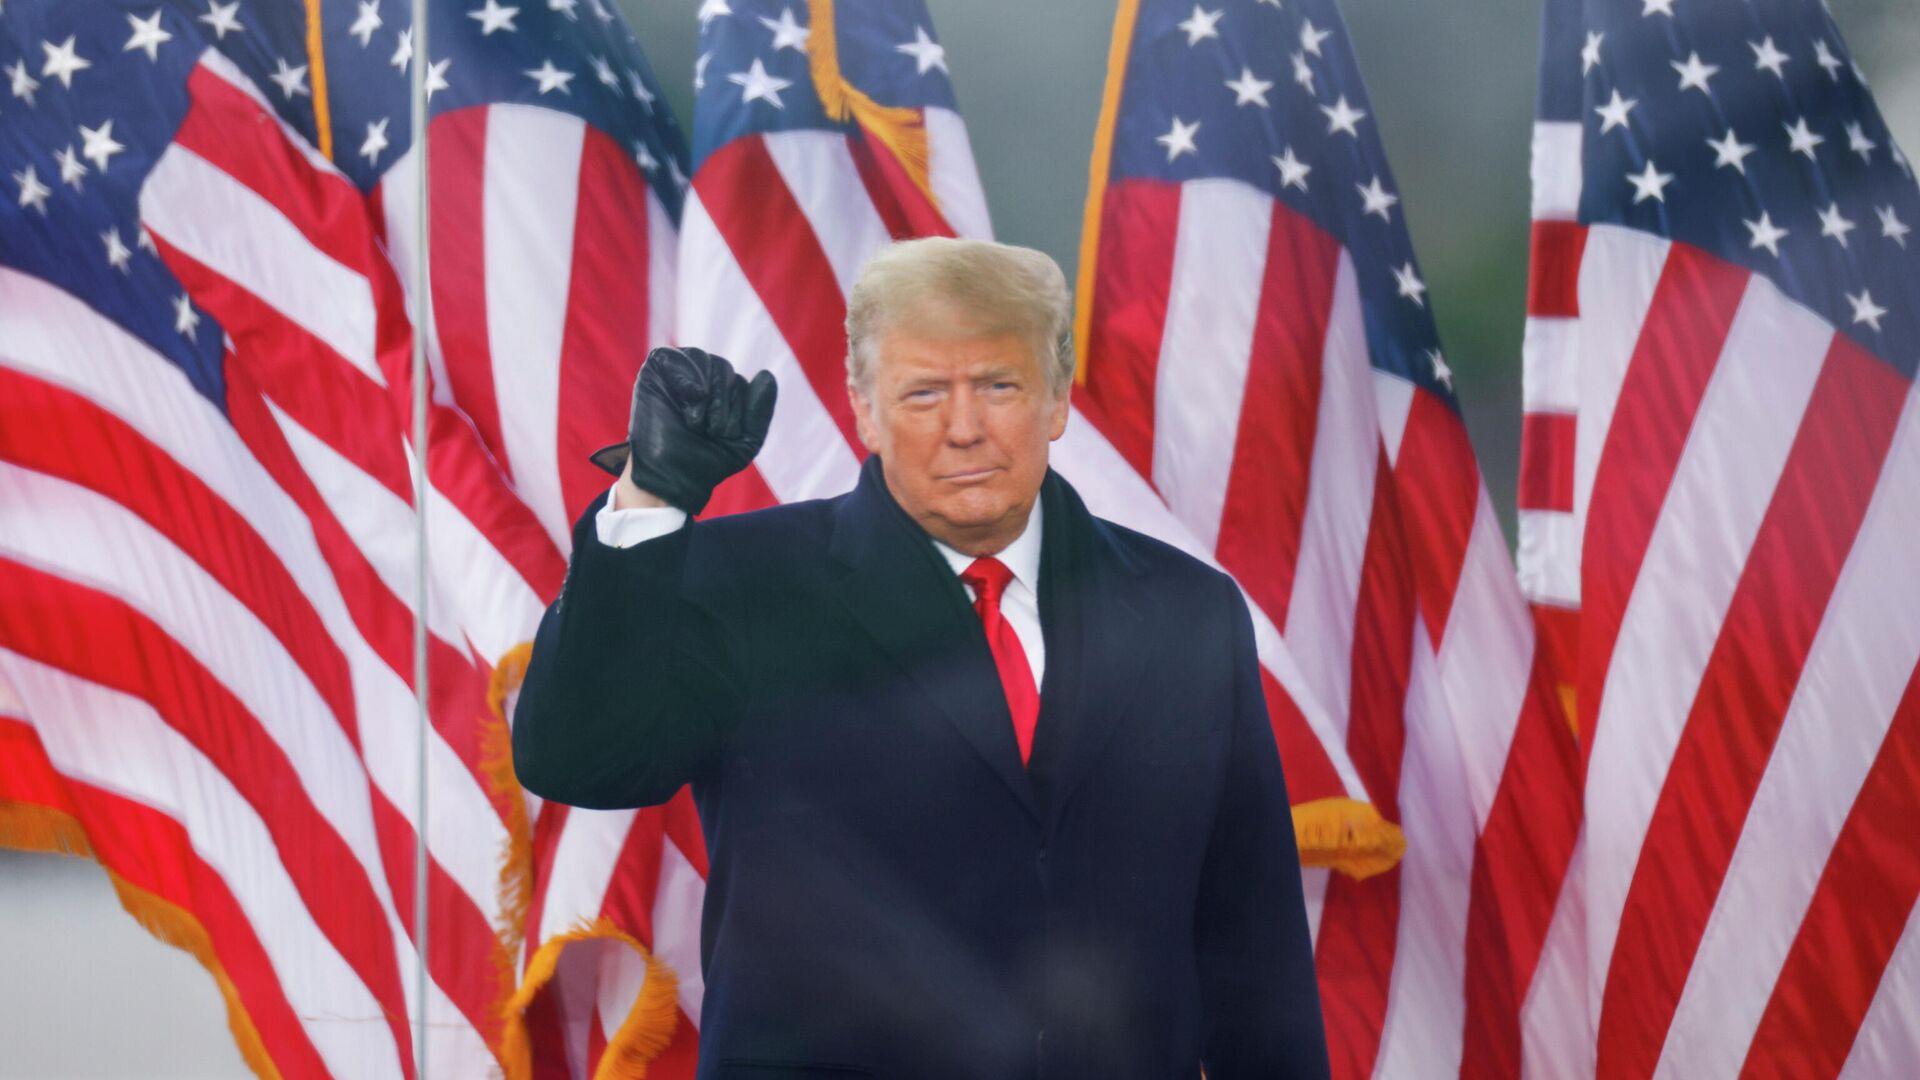 Президент Дональд Трамп выступает на митинге в Вашингтоне - РИА Новости, 1920, 06.01.2021